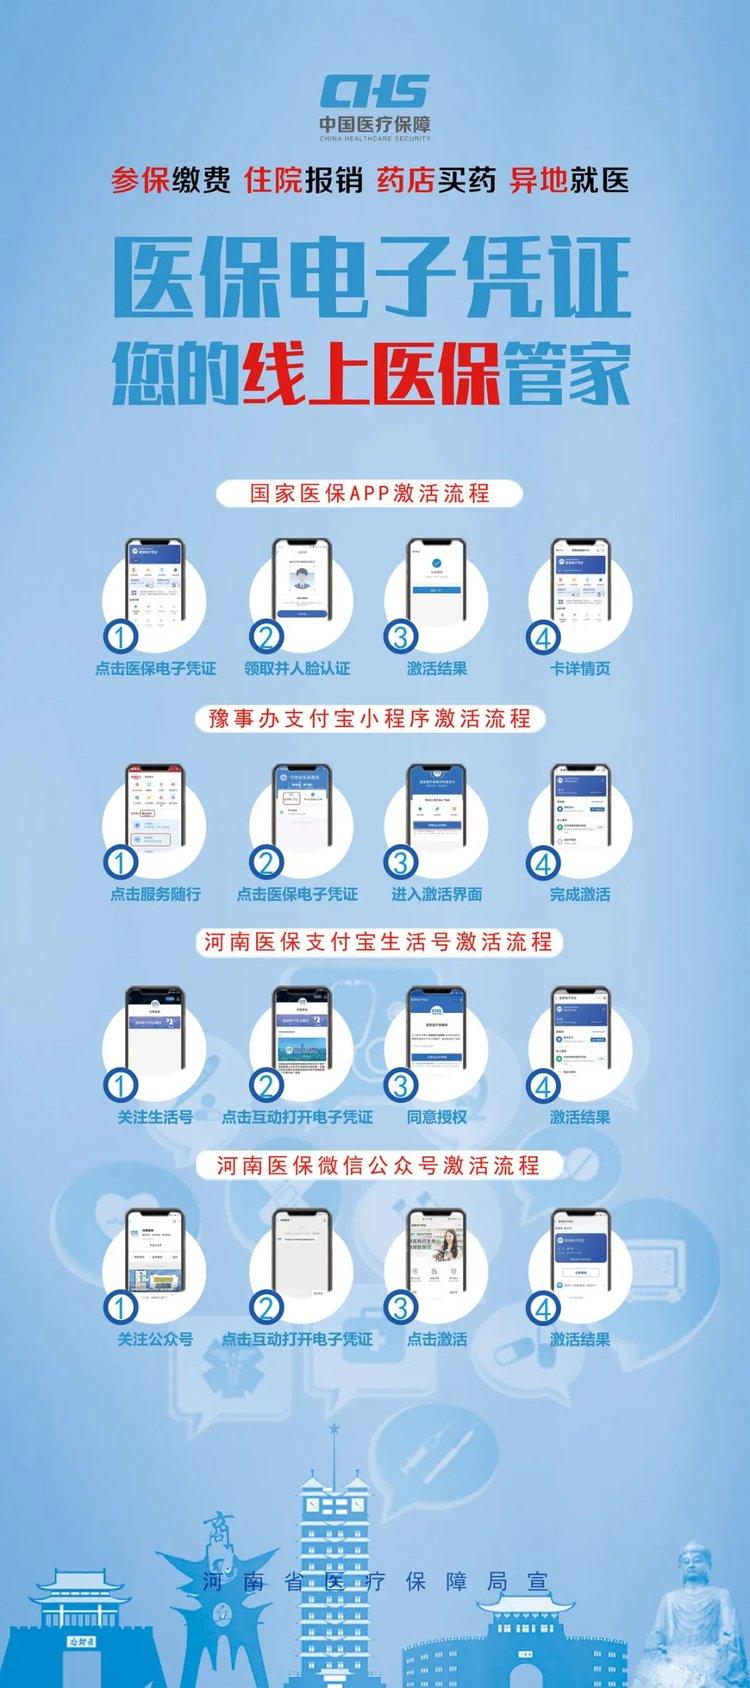 河南全面推广医保电子凭证 明年基本实现全省覆盖